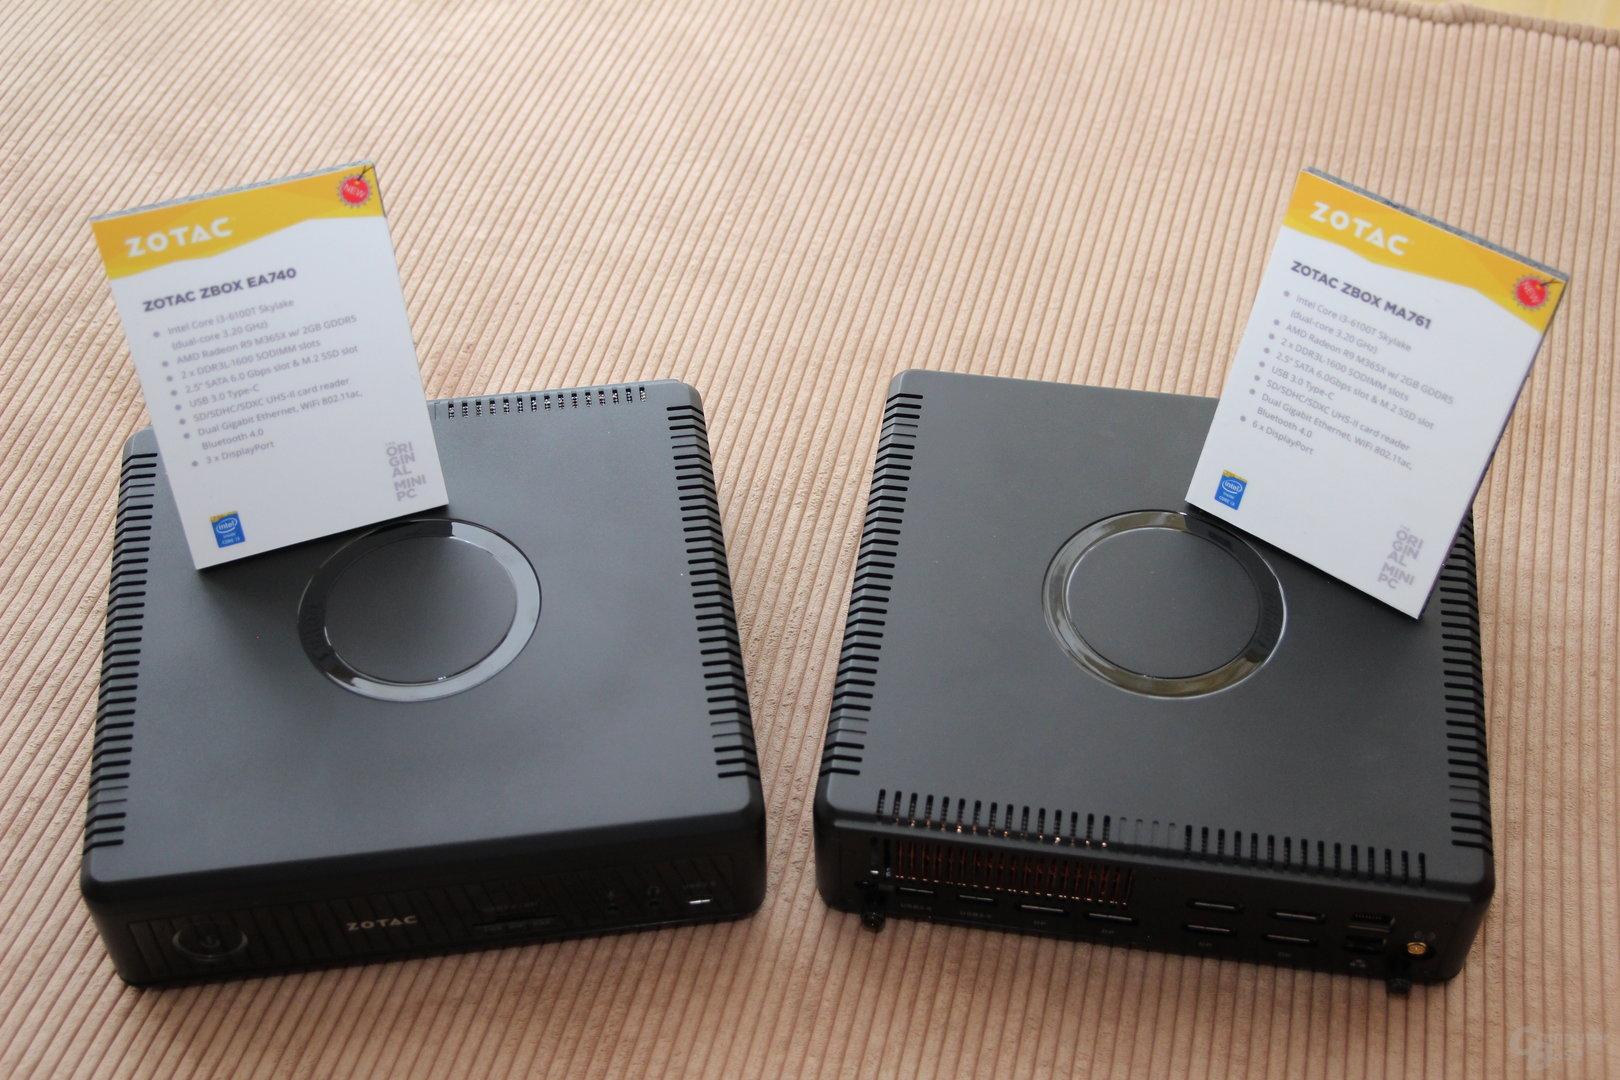 Zotac Zbox mit AMD Radeon R9 300M